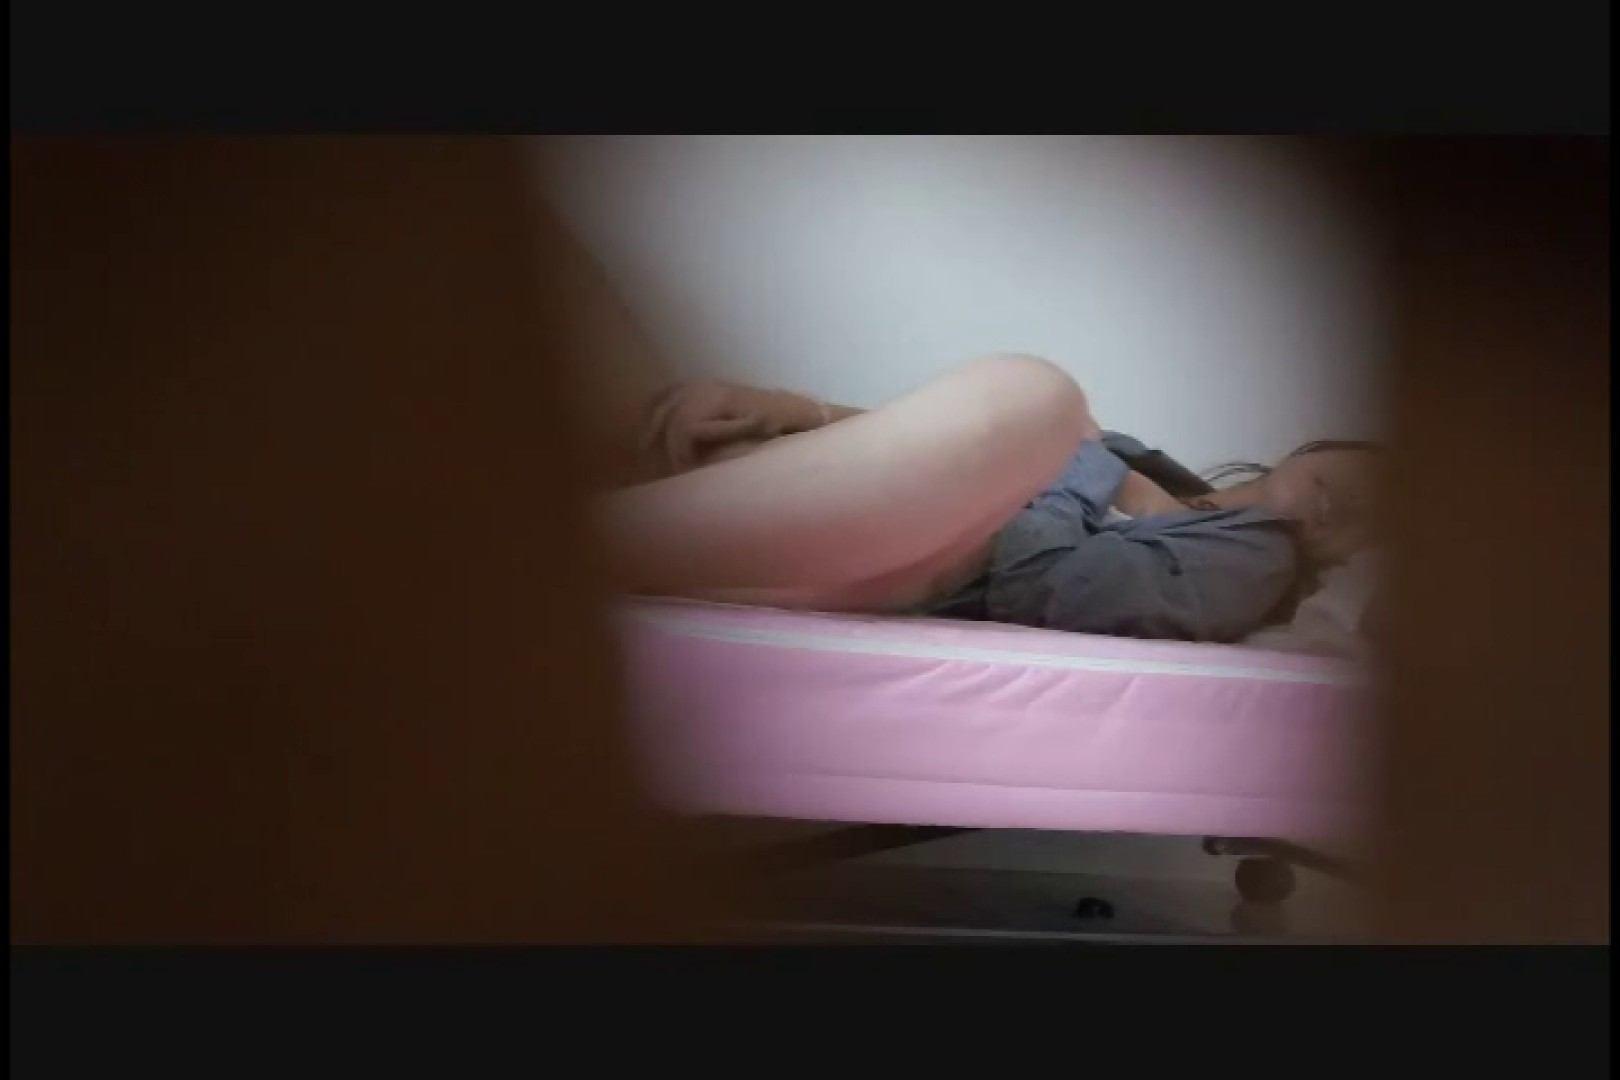 アダルトエロ動画|Vol.13 葵が何度も自慰を繰り返して・・・|のぞき本舗 中村屋